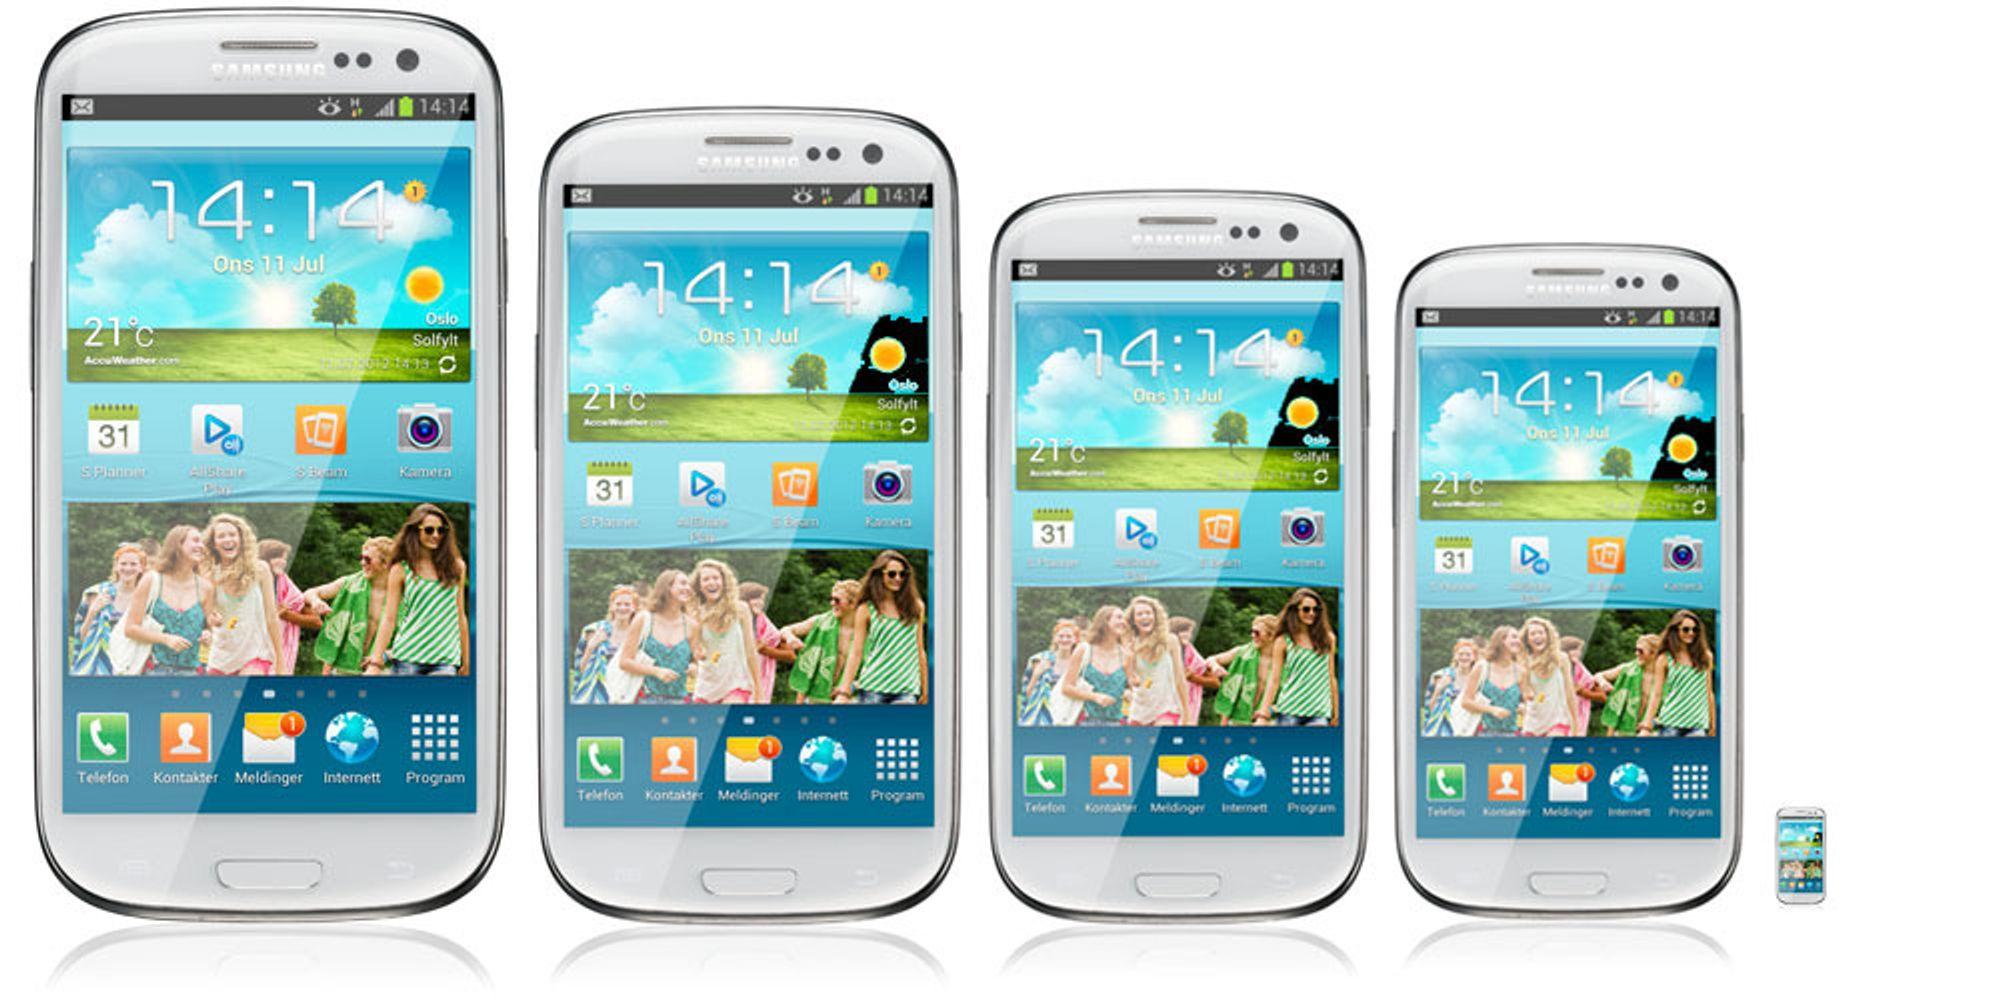 Kommer Galaxy S III Mini om en uke?